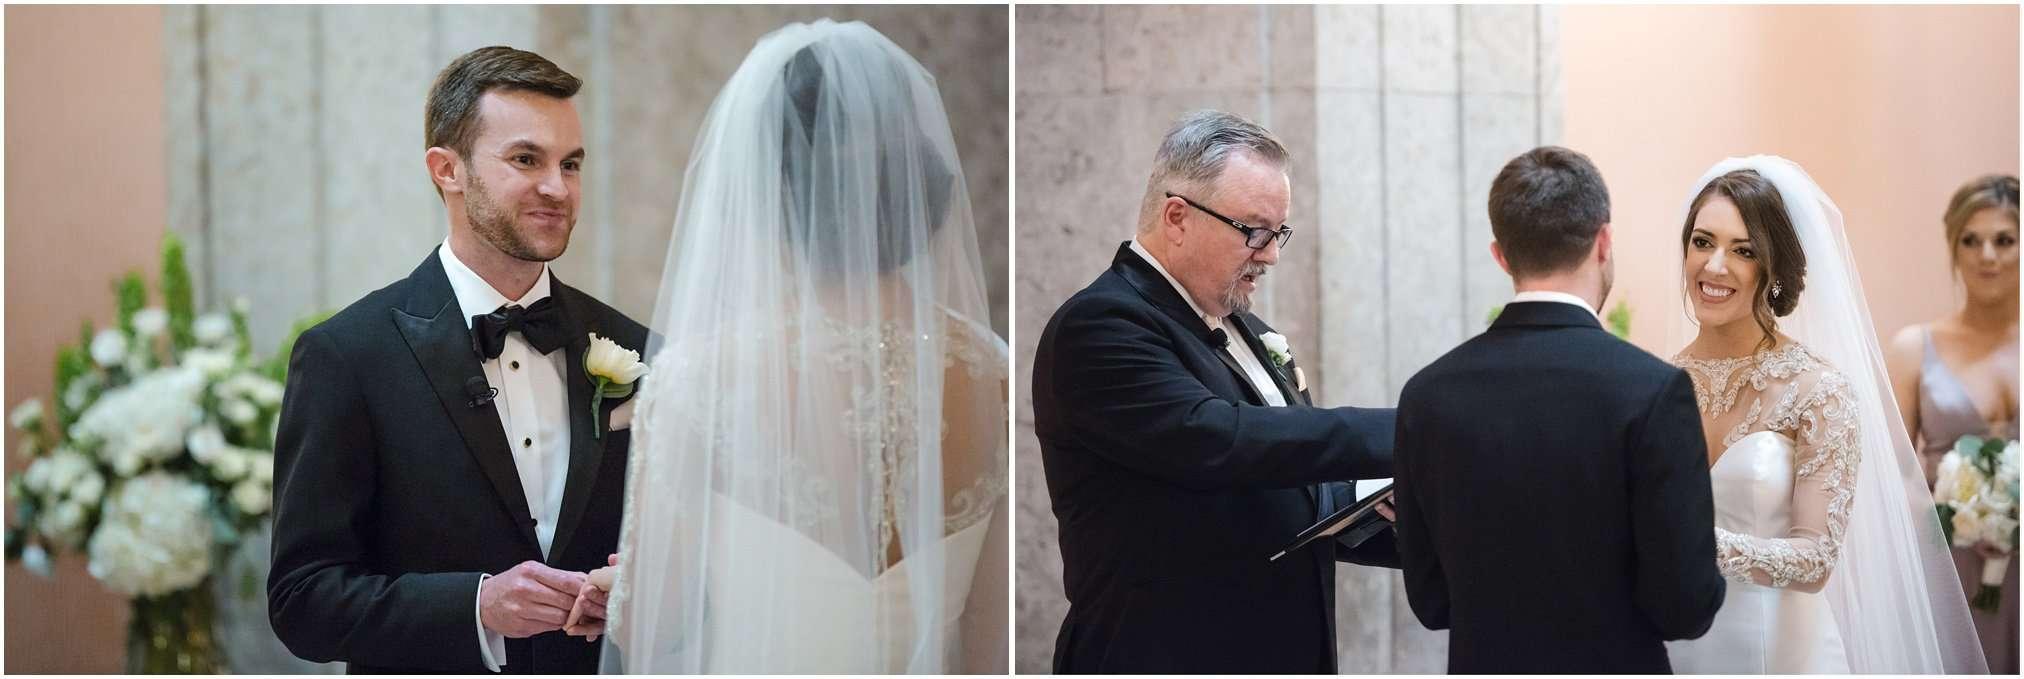 Spring Wedding at the Ohio Statehouse | Columbus Ohio Photography 142